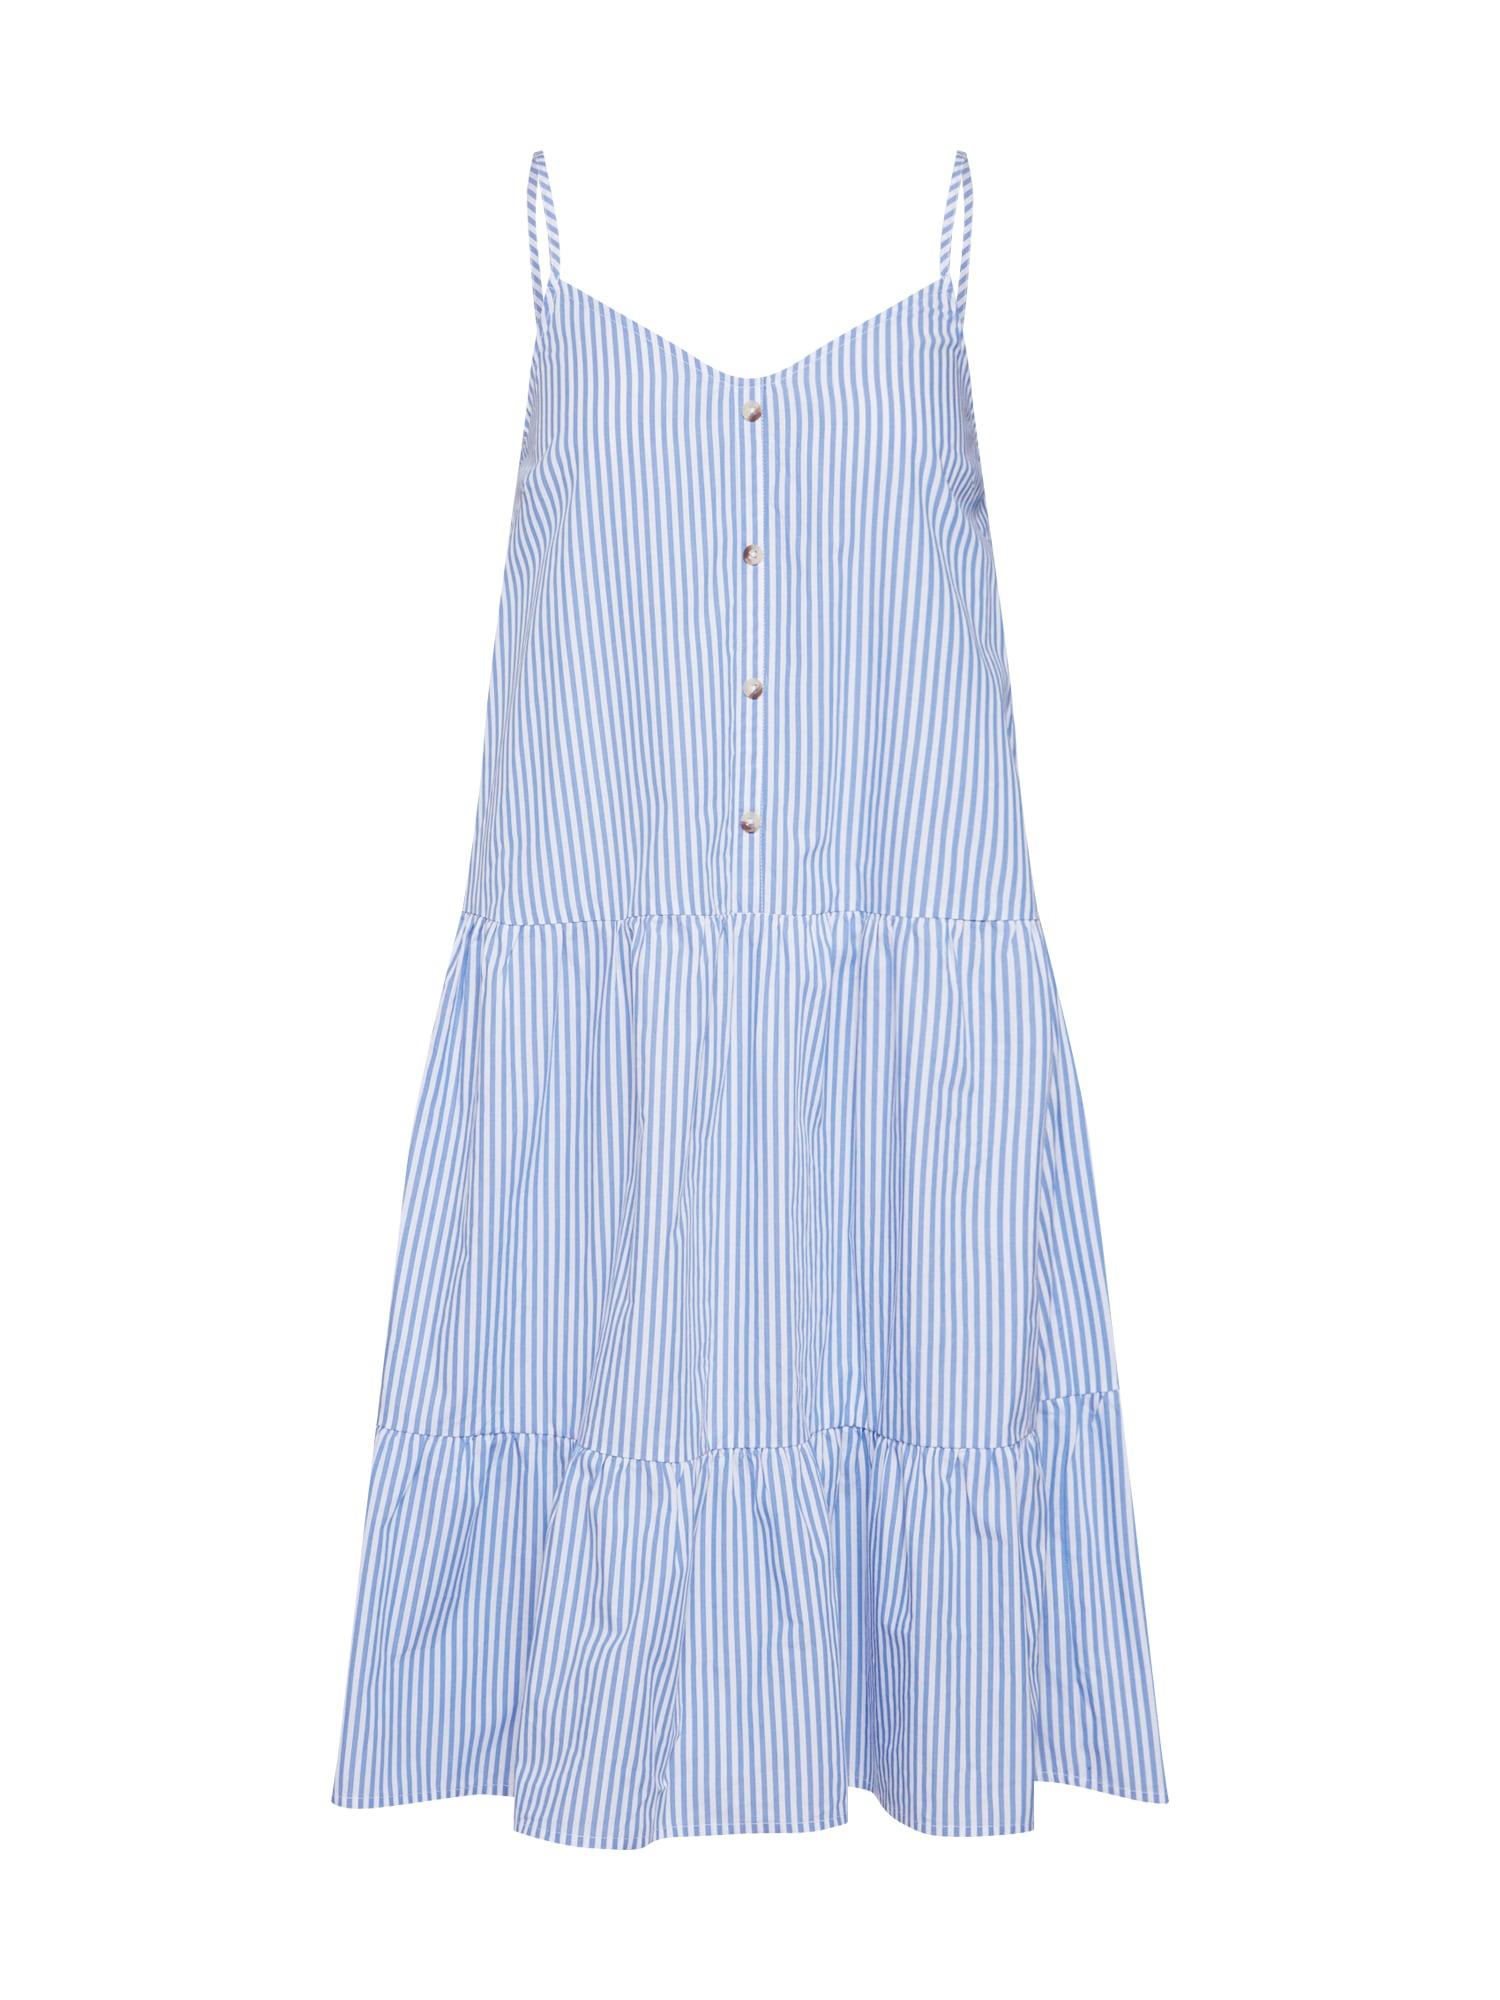 Letní šaty ADEL-ST.DR světlemodrá bílá SISTERS POINT